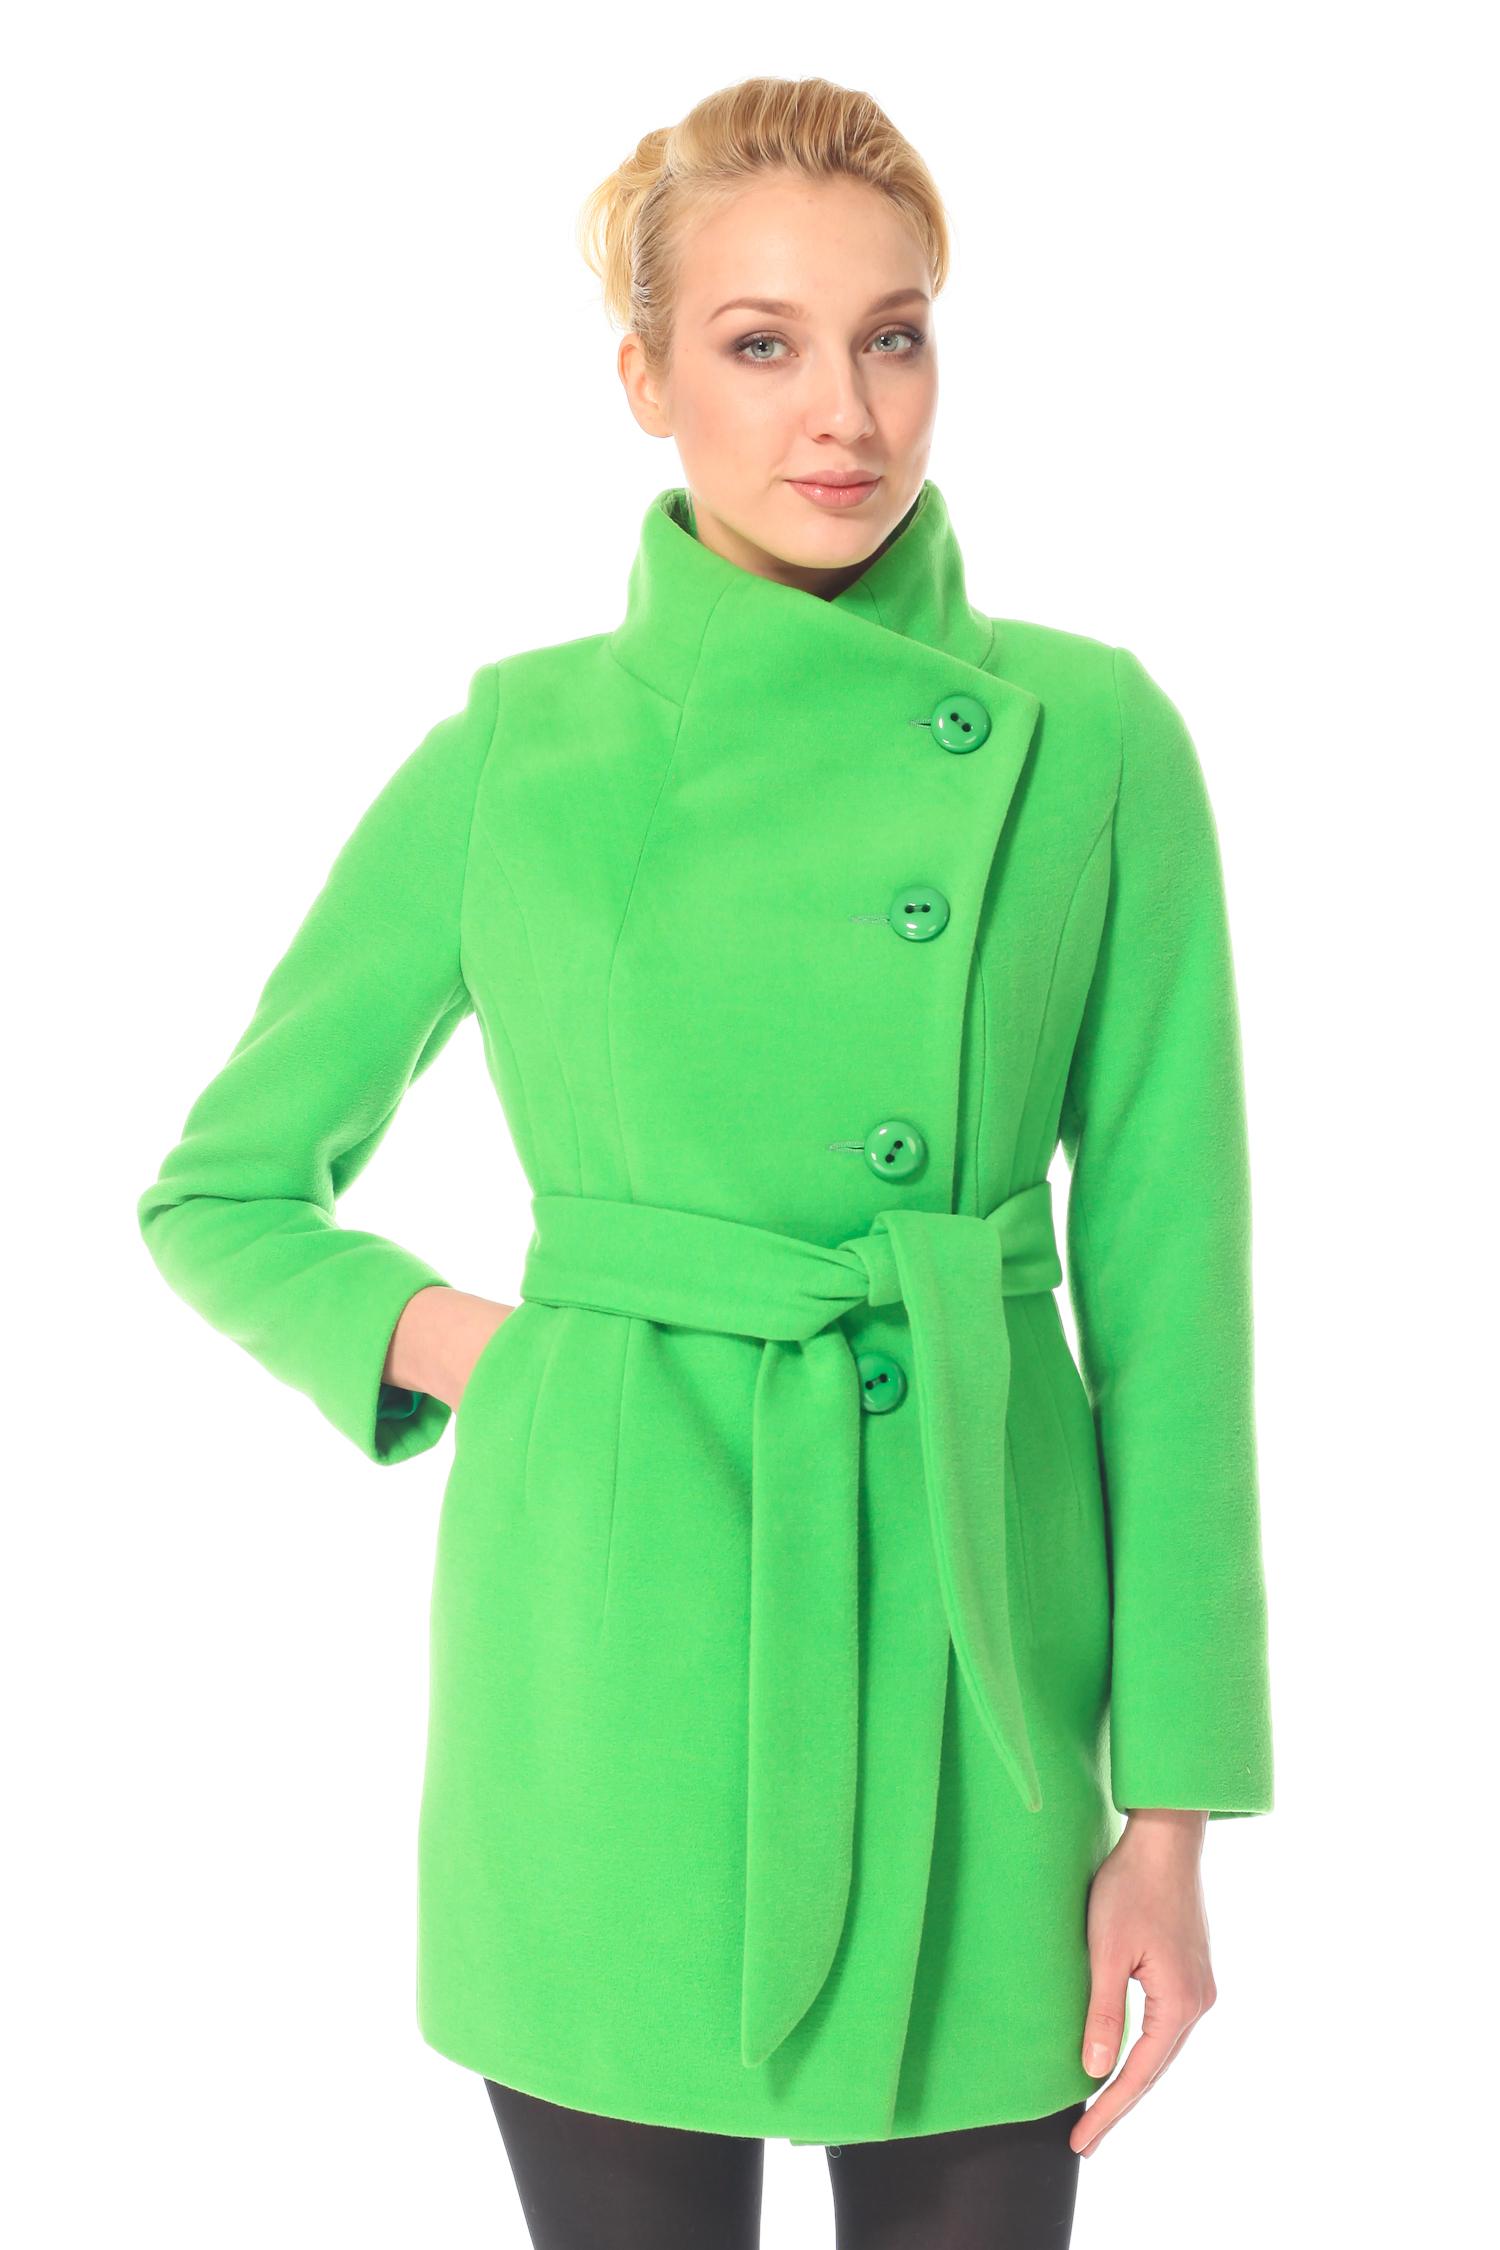 Женское пальто с воротником, без отделки<br><br>Воротник: Стойка<br>Длина см: 80<br>Материал: 80% шерсть 20% полиамид<br>Цвет: Зеленый<br>Пол: Женский